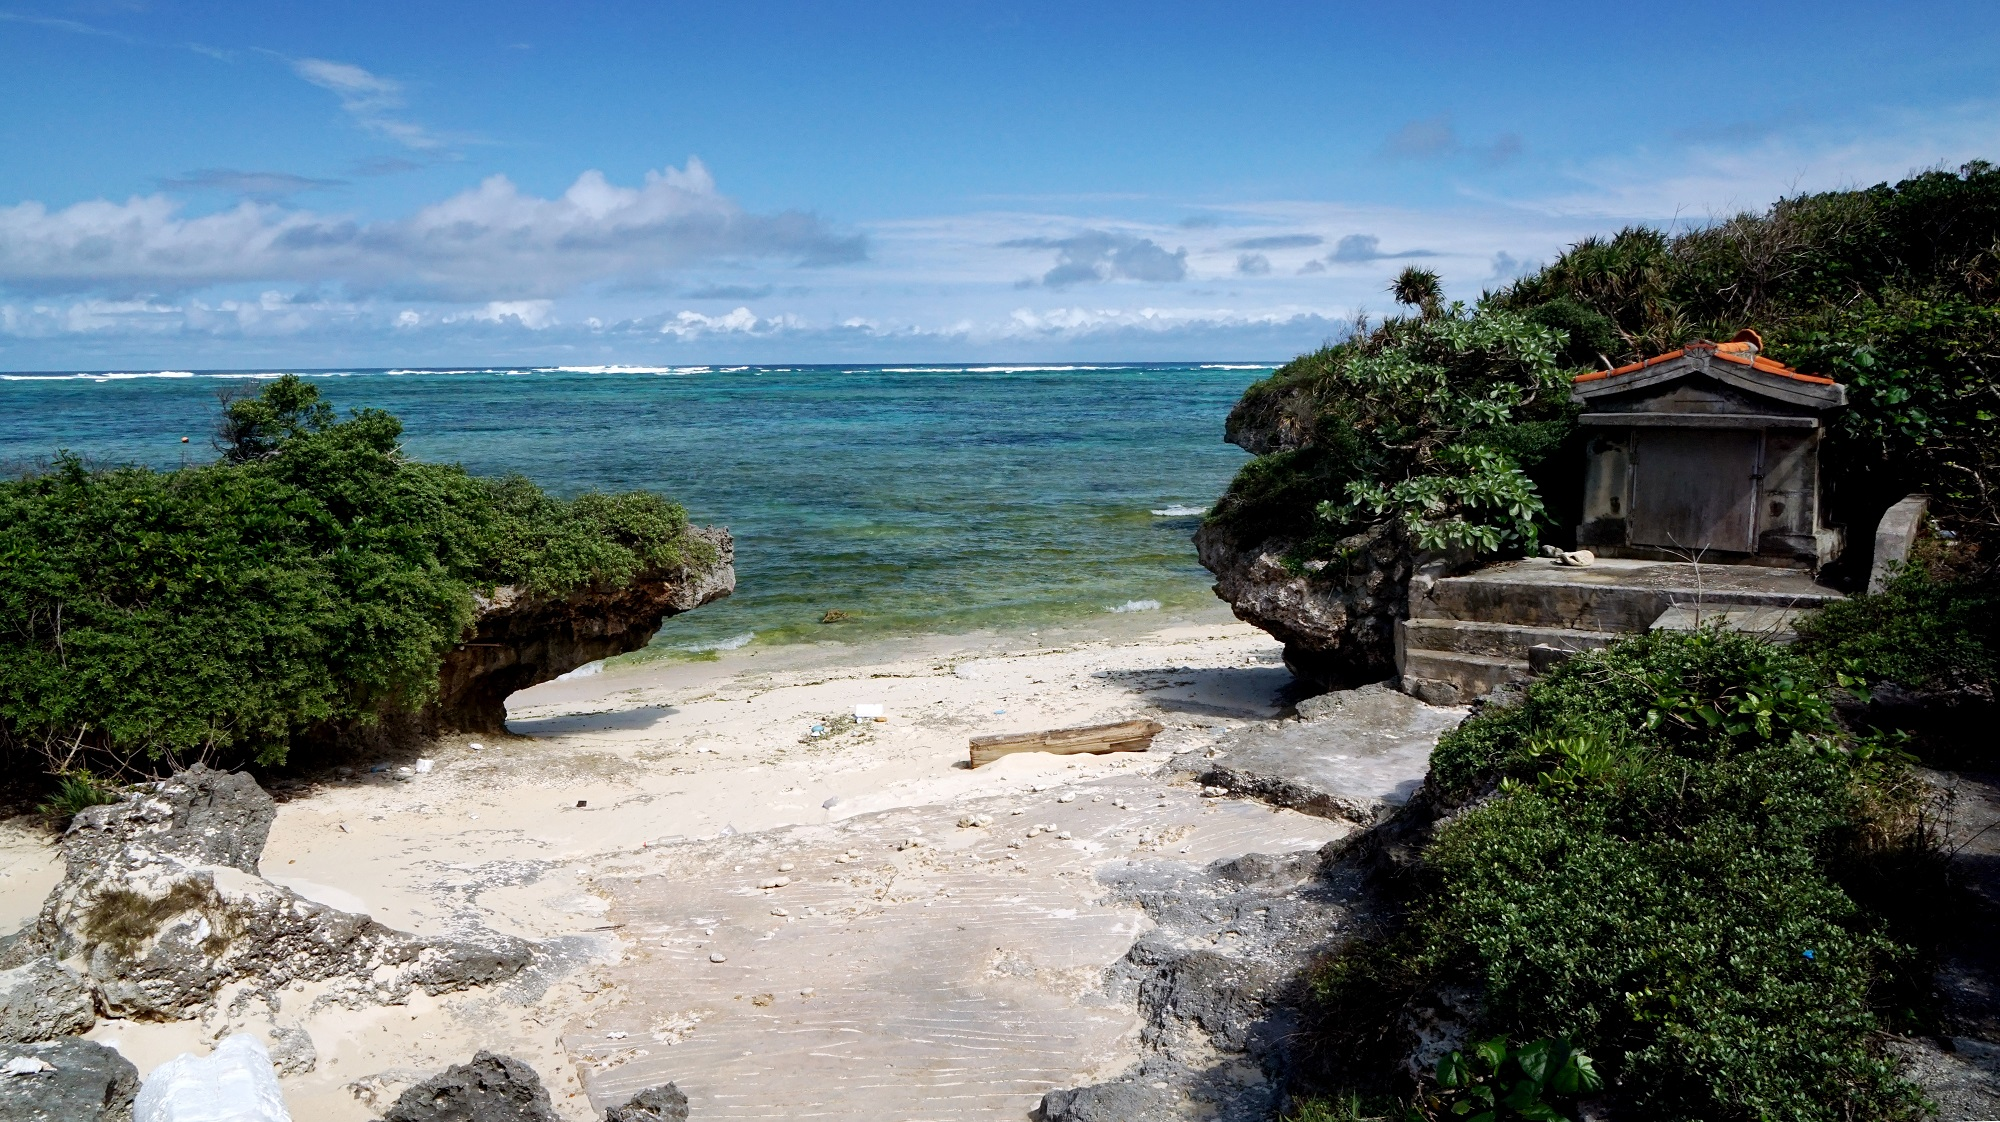 島の宝である、伝統や美しい自然が残されている多良間島©T.Itoga / T & t Japan